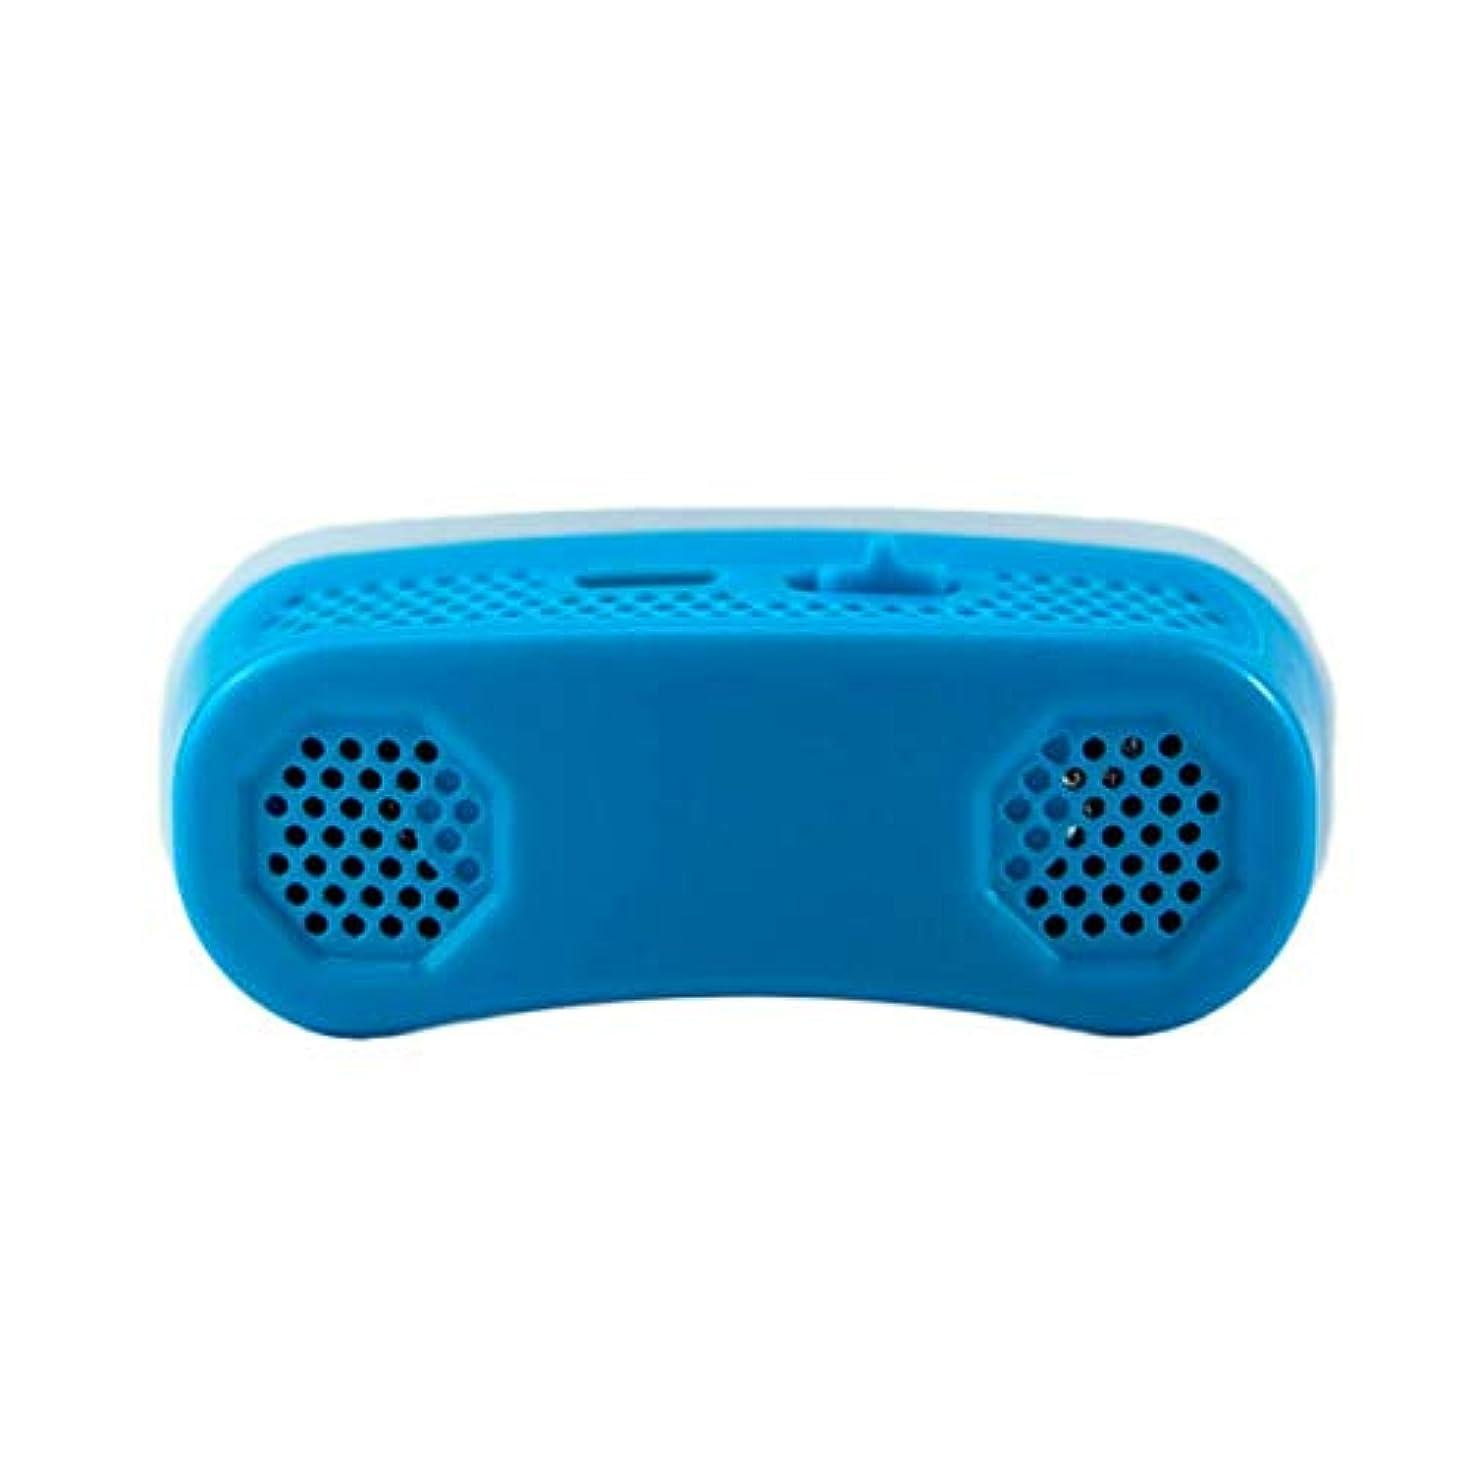 自分生理防ぐ睡眠時無呼吸停止いびき止め栓 - 青のためのマイクロCPAP抗いびき電子デバイス